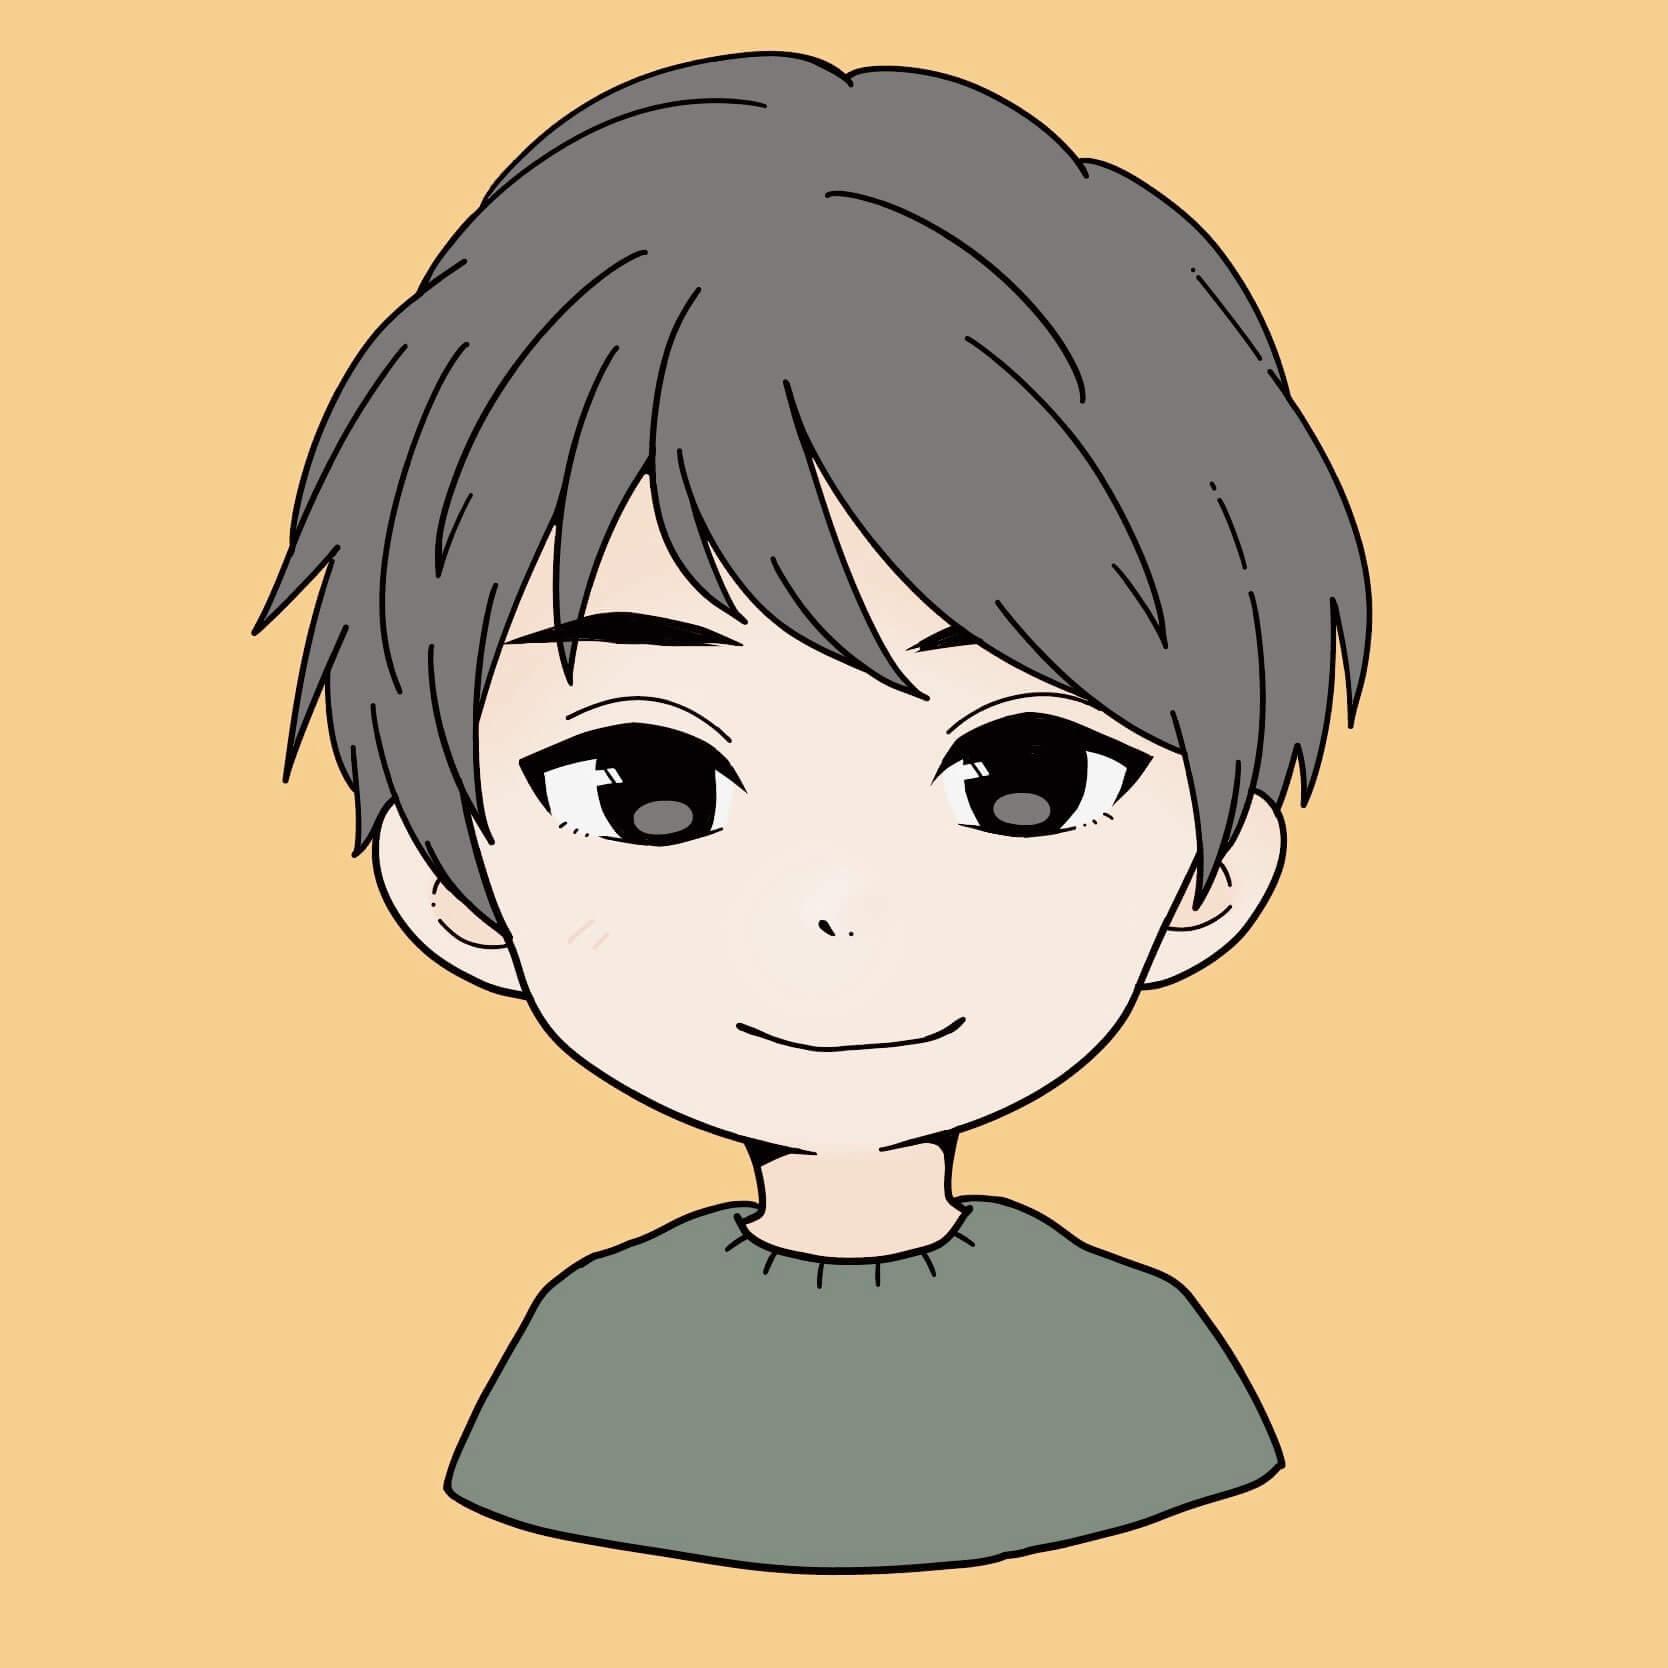 https://www.kumao-blog.com/wp-content/uploads/2019/12/e7885e8681d04674f6c7ebf684c1c35d.jpg